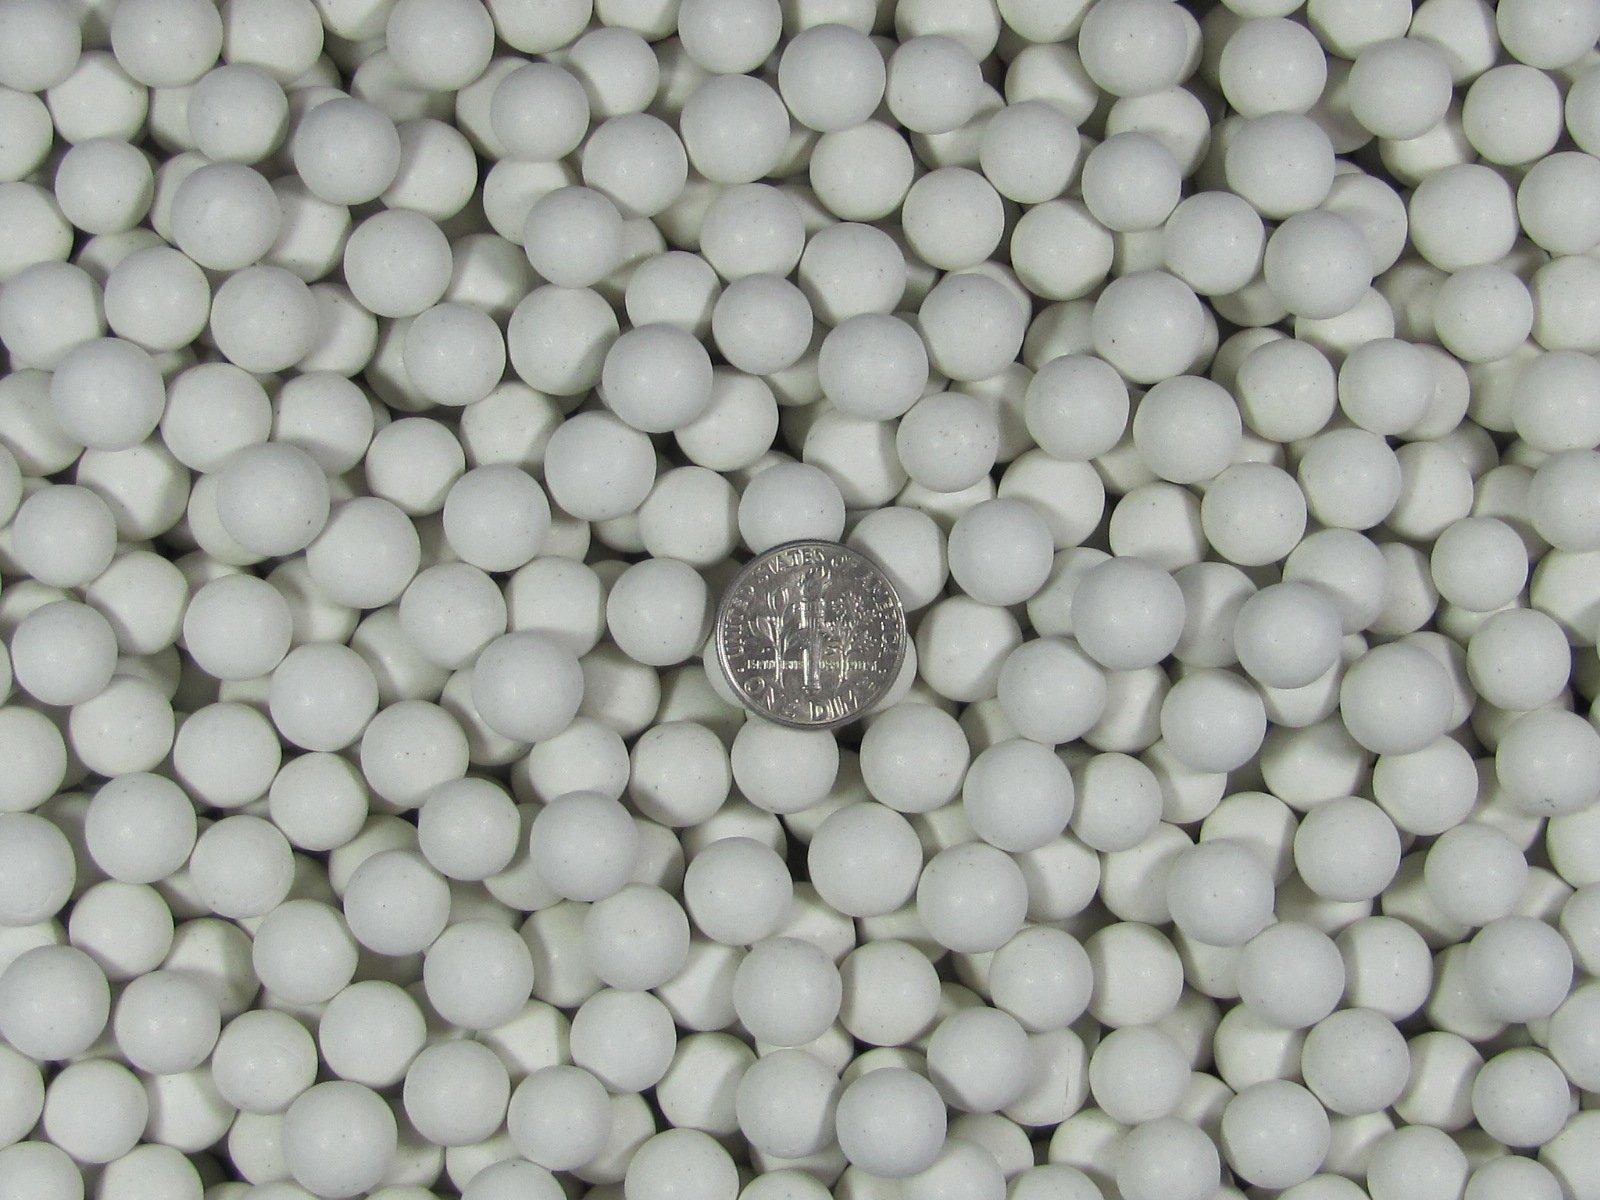 3 Lb. 10 mm Polishing Sphere Non-Abrasive Ceramic Tumbling Tumbler Tumble Media